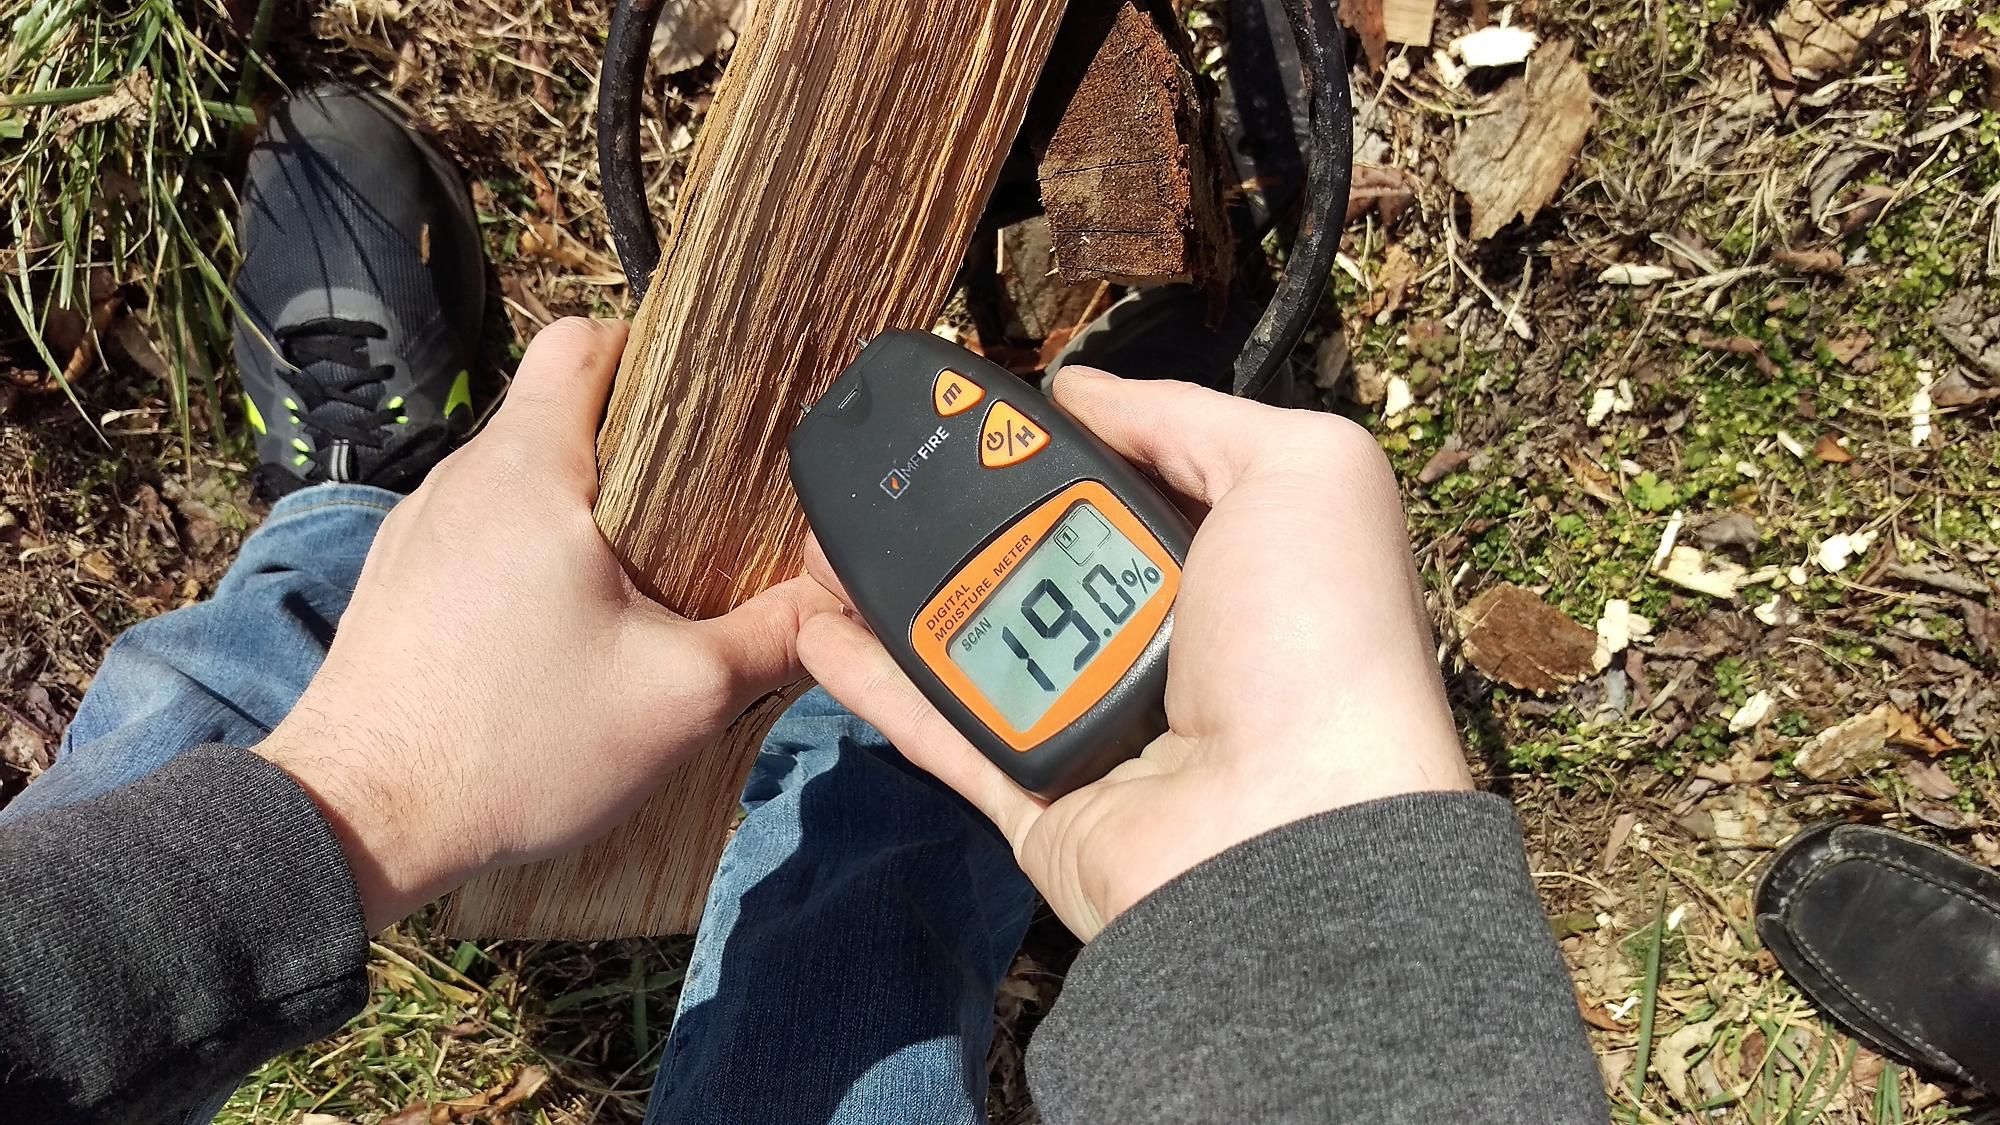 Moisture Meter Seasoned Firewood Wood burning stove